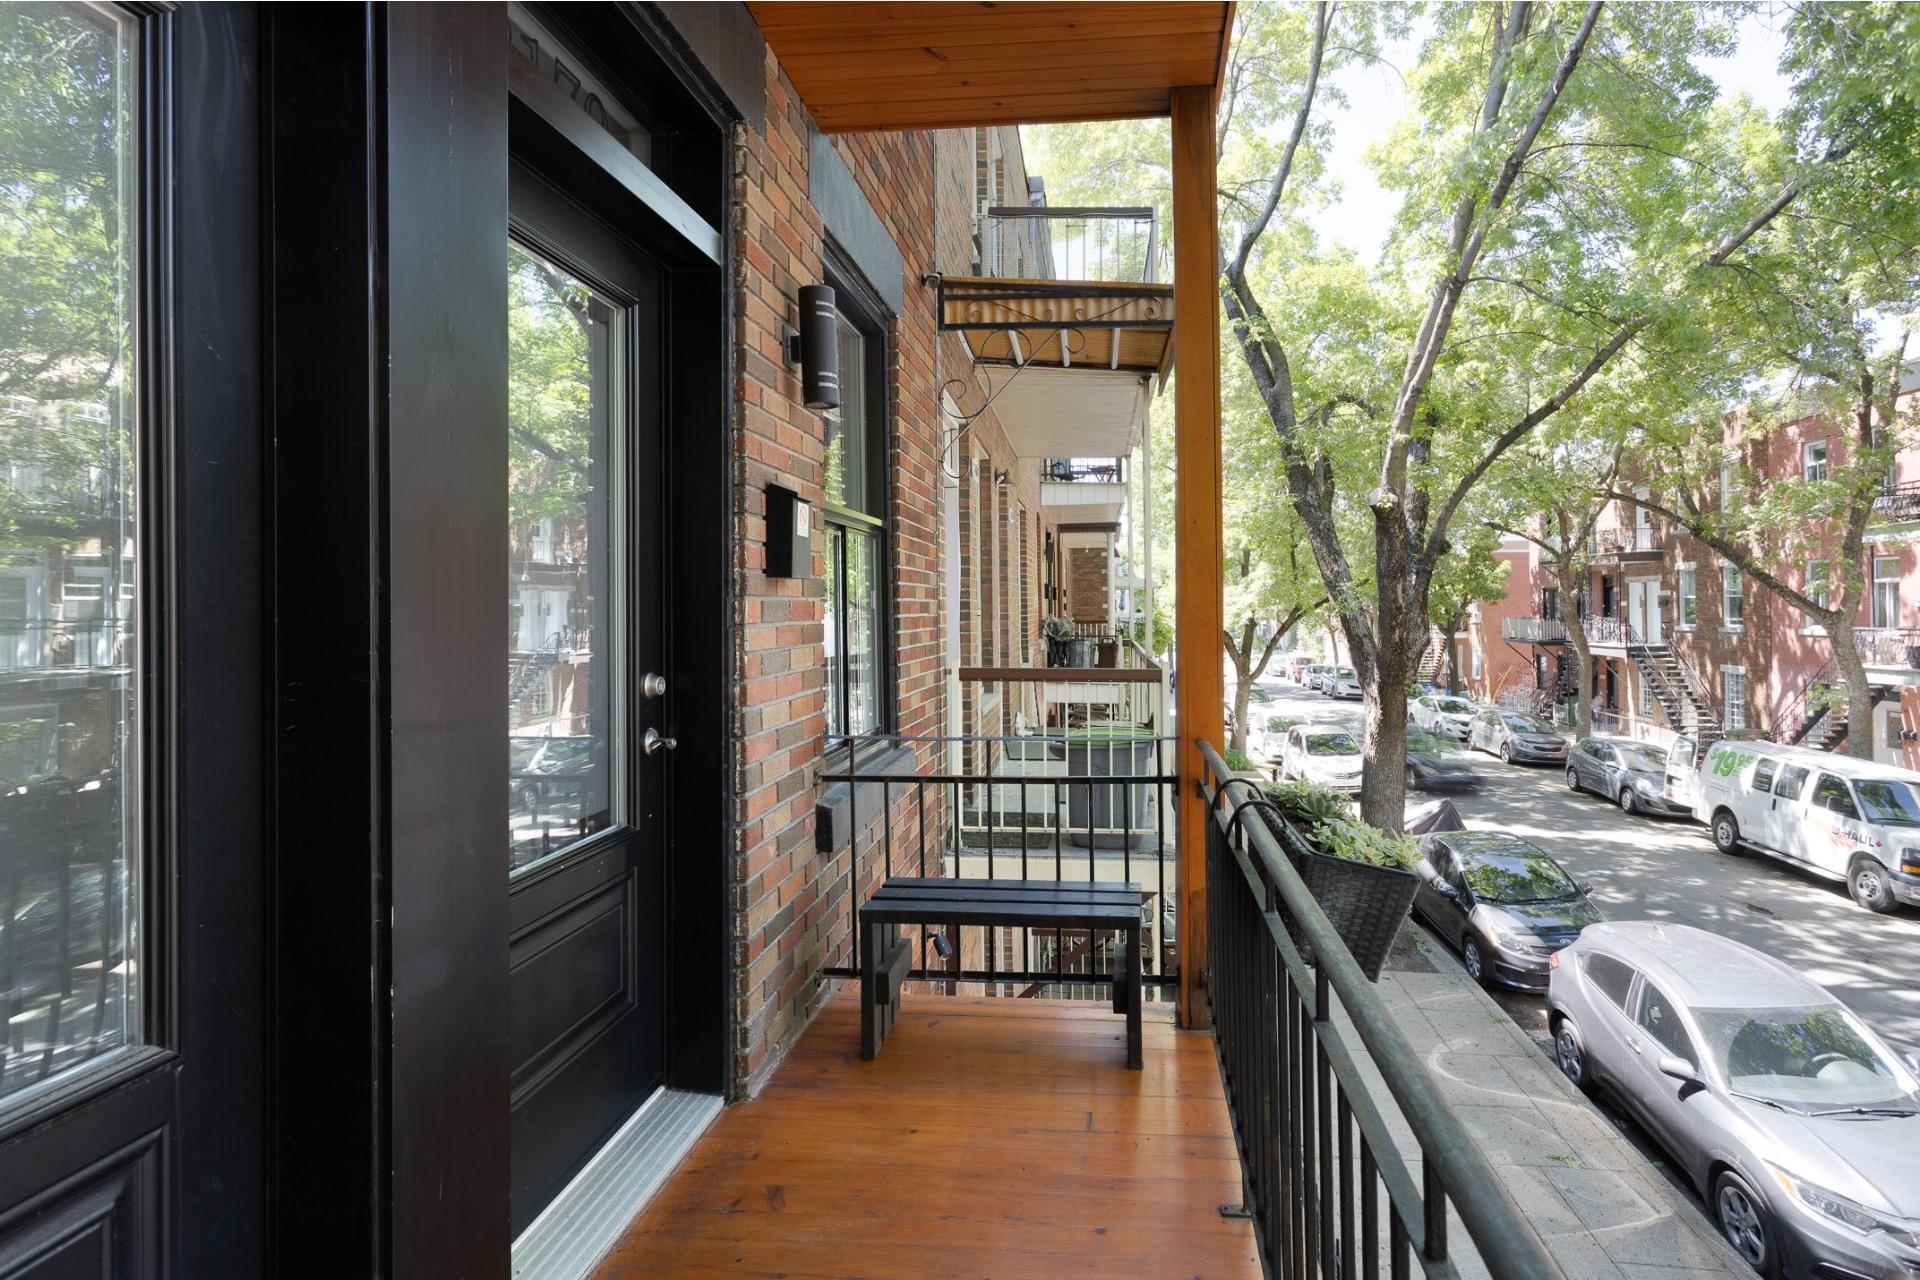 image 18 - Appartement À vendre Mercier/Hochelaga-Maisonneuve Montréal  - 4 pièces